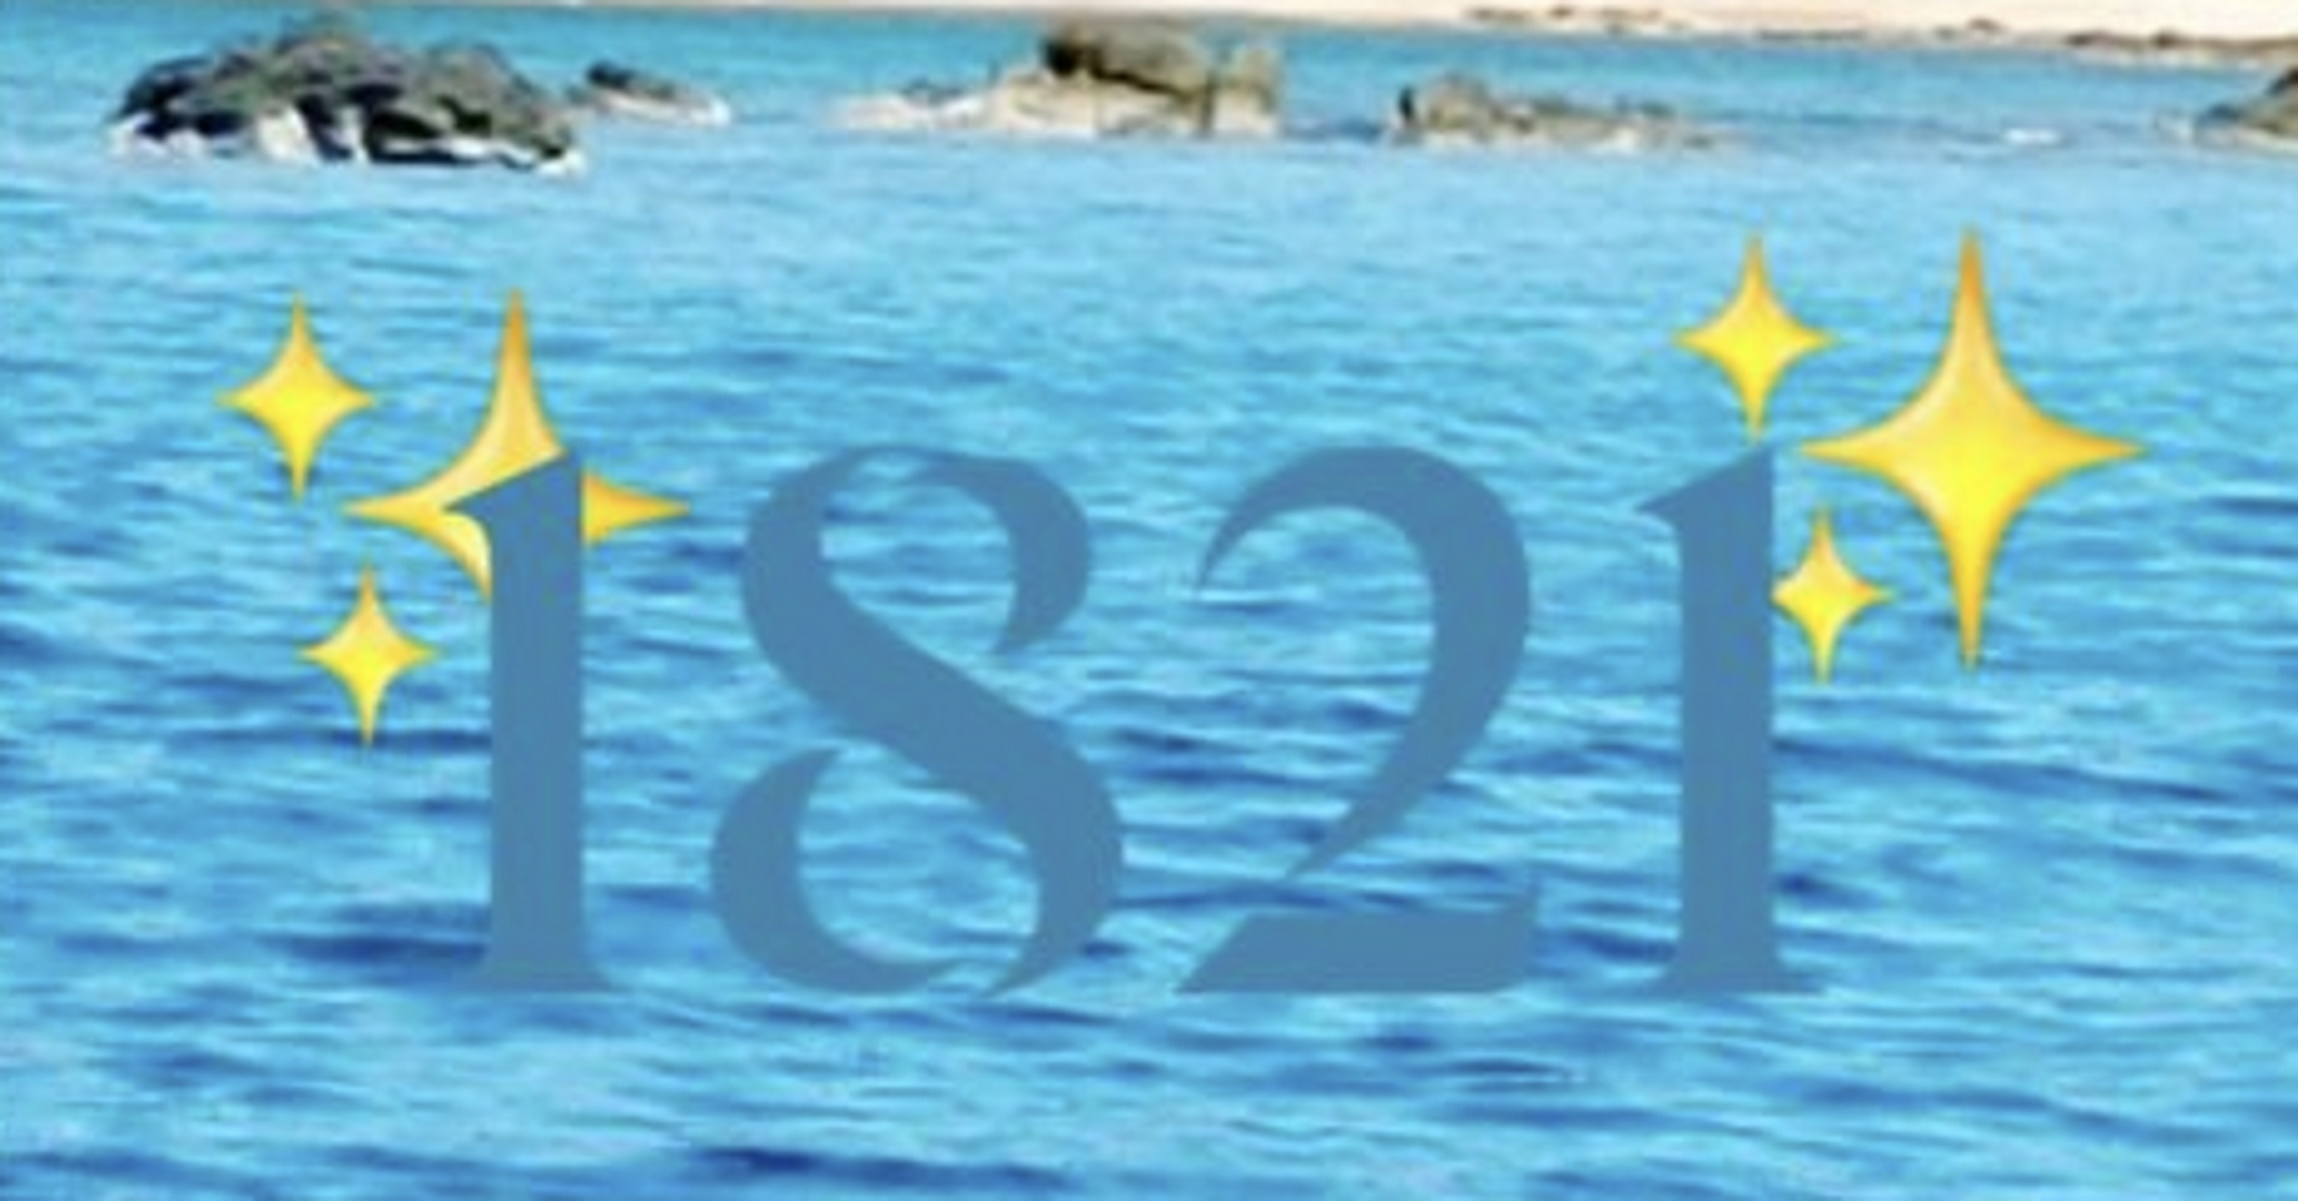 Σύρος: Σχημάτισαν το 1821 κάνοντας κανό και κολυμπώντας στη θάλασσα (pics)